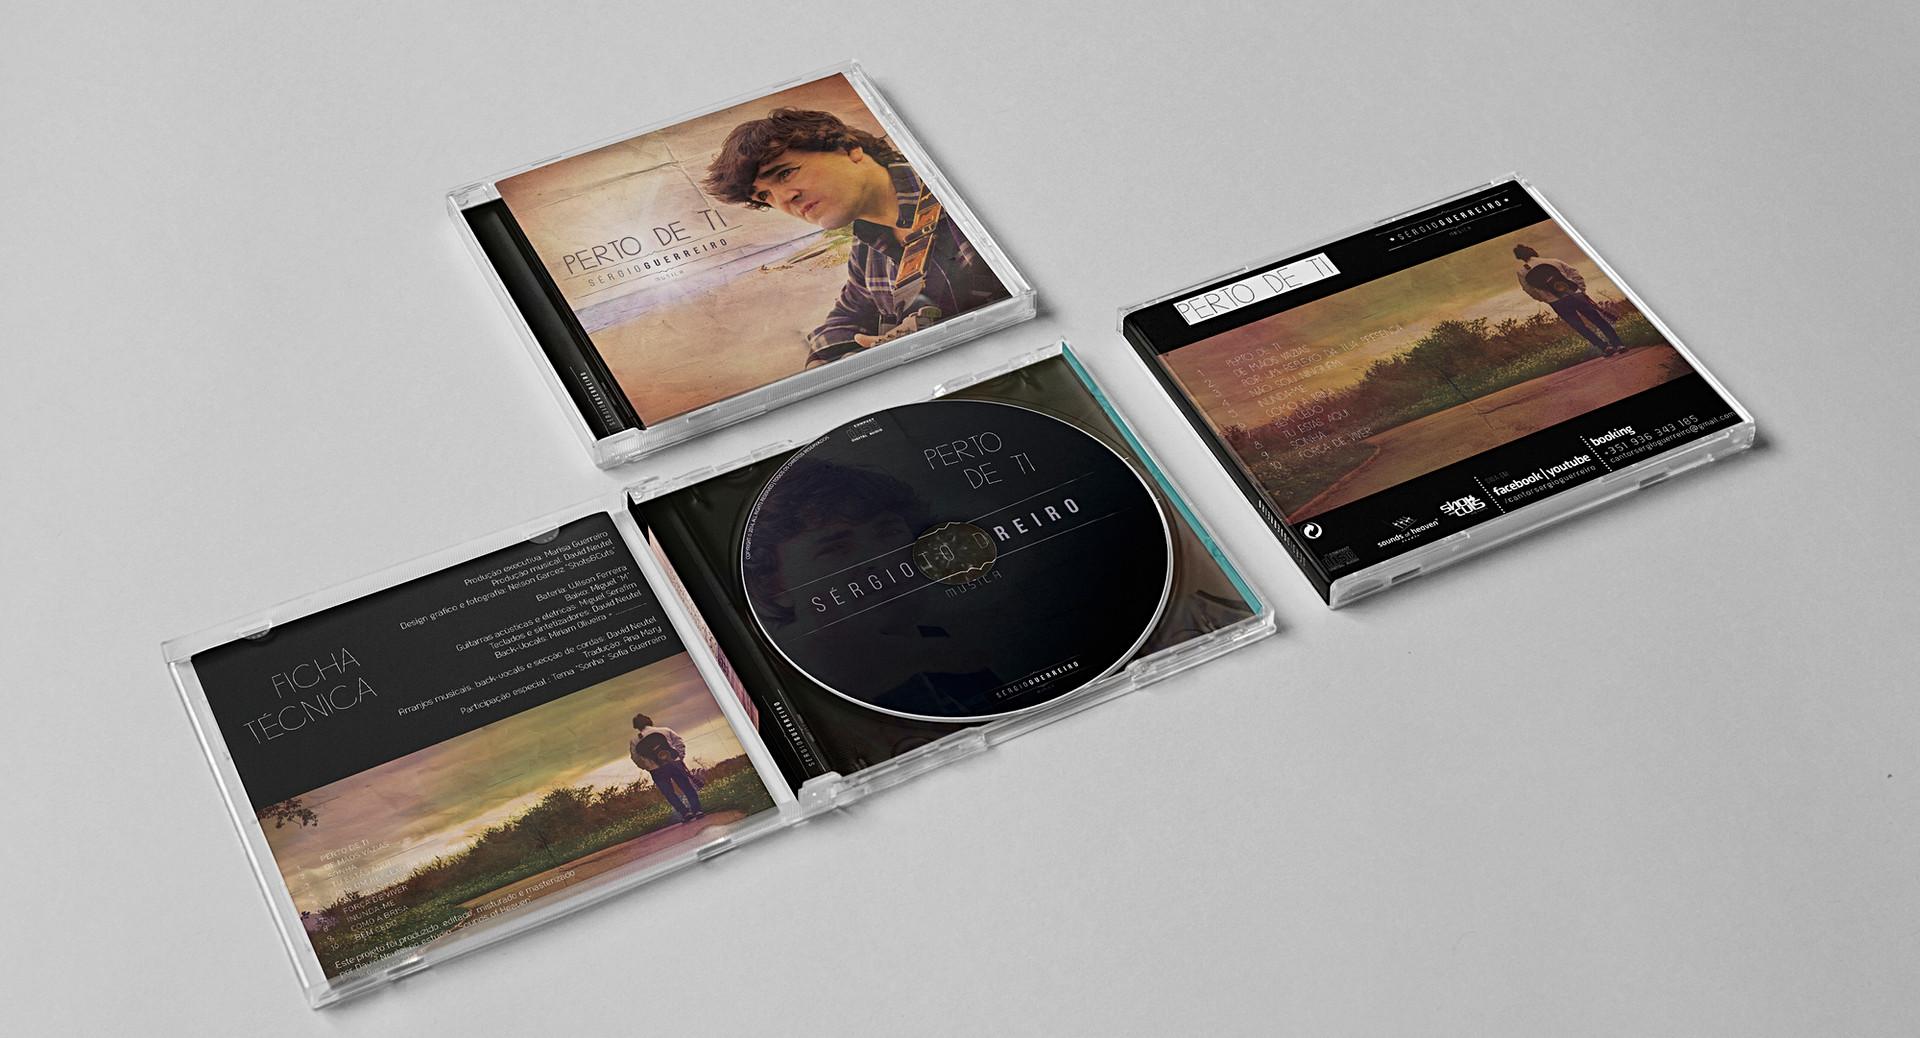 CD Art Design